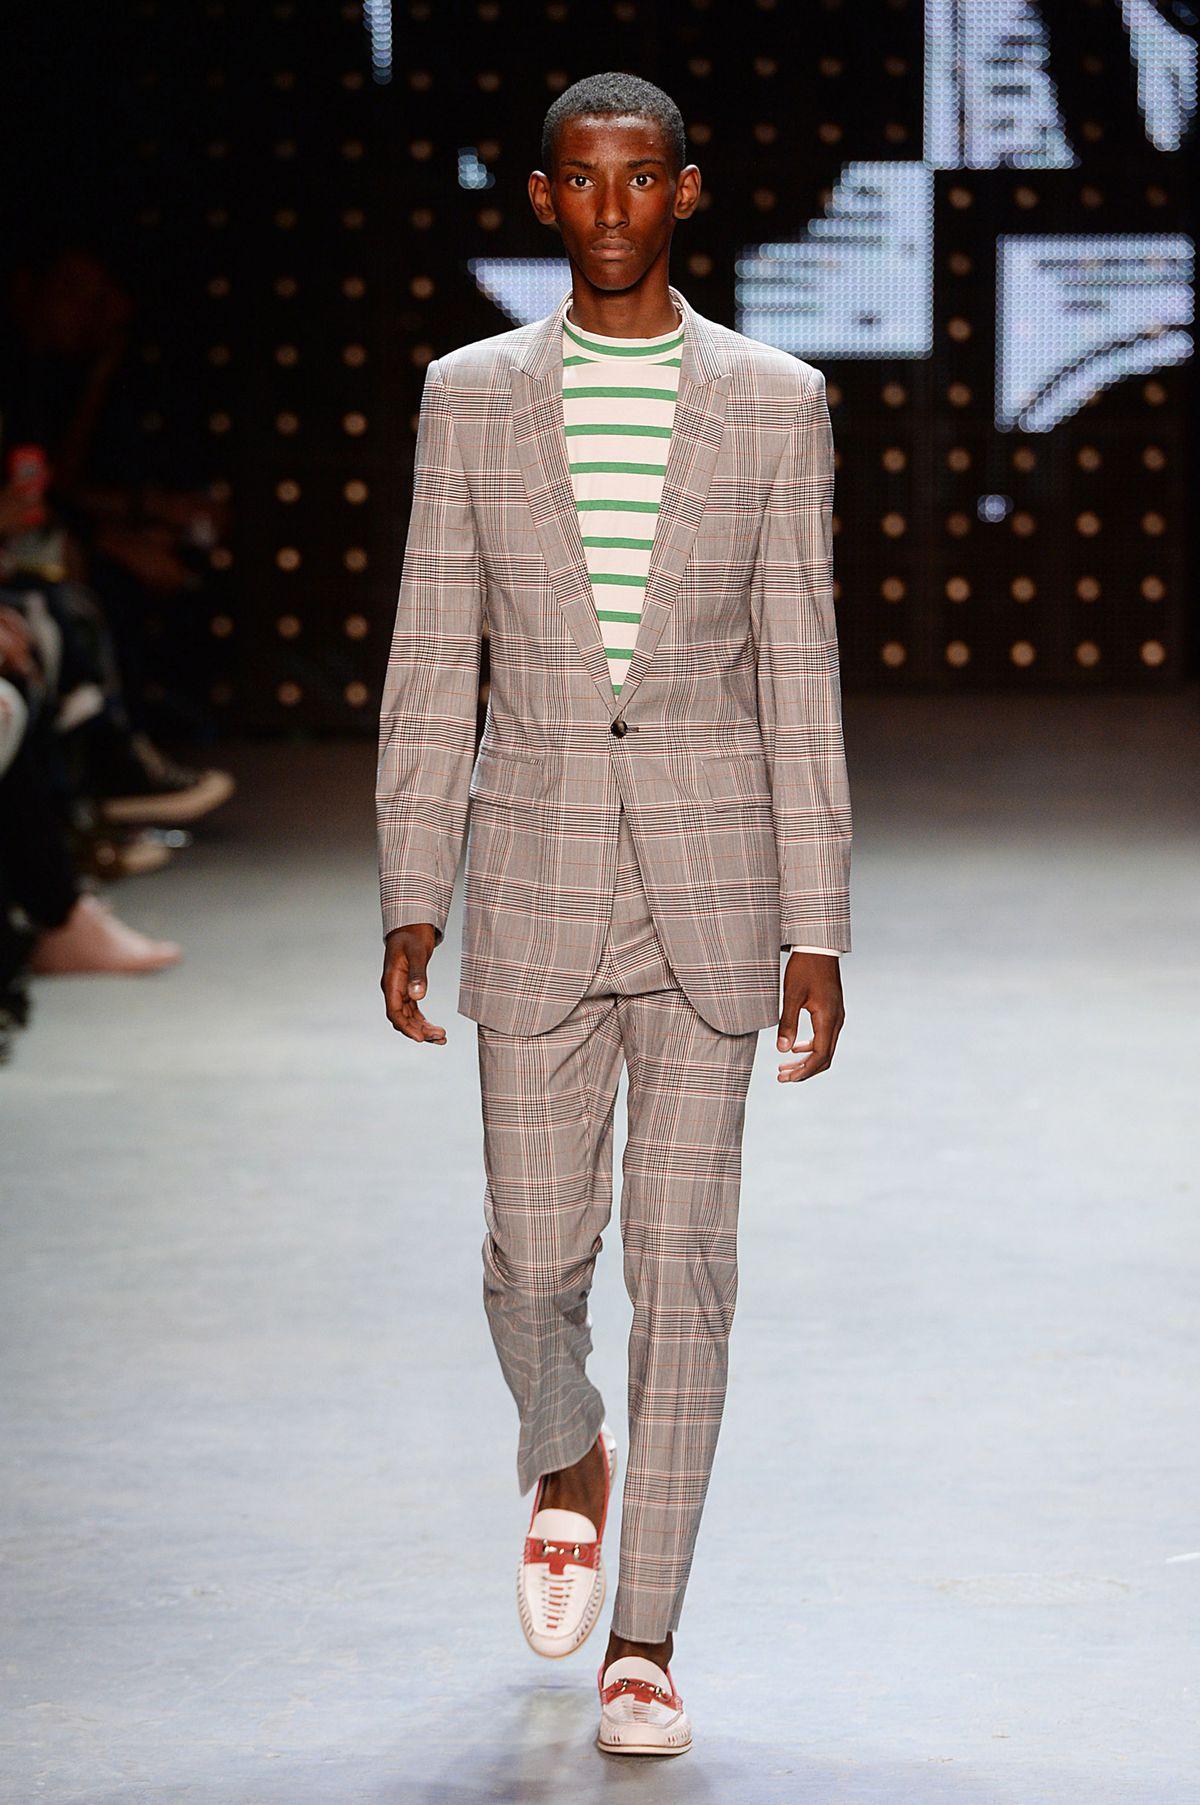 Male model walking runway for Topman